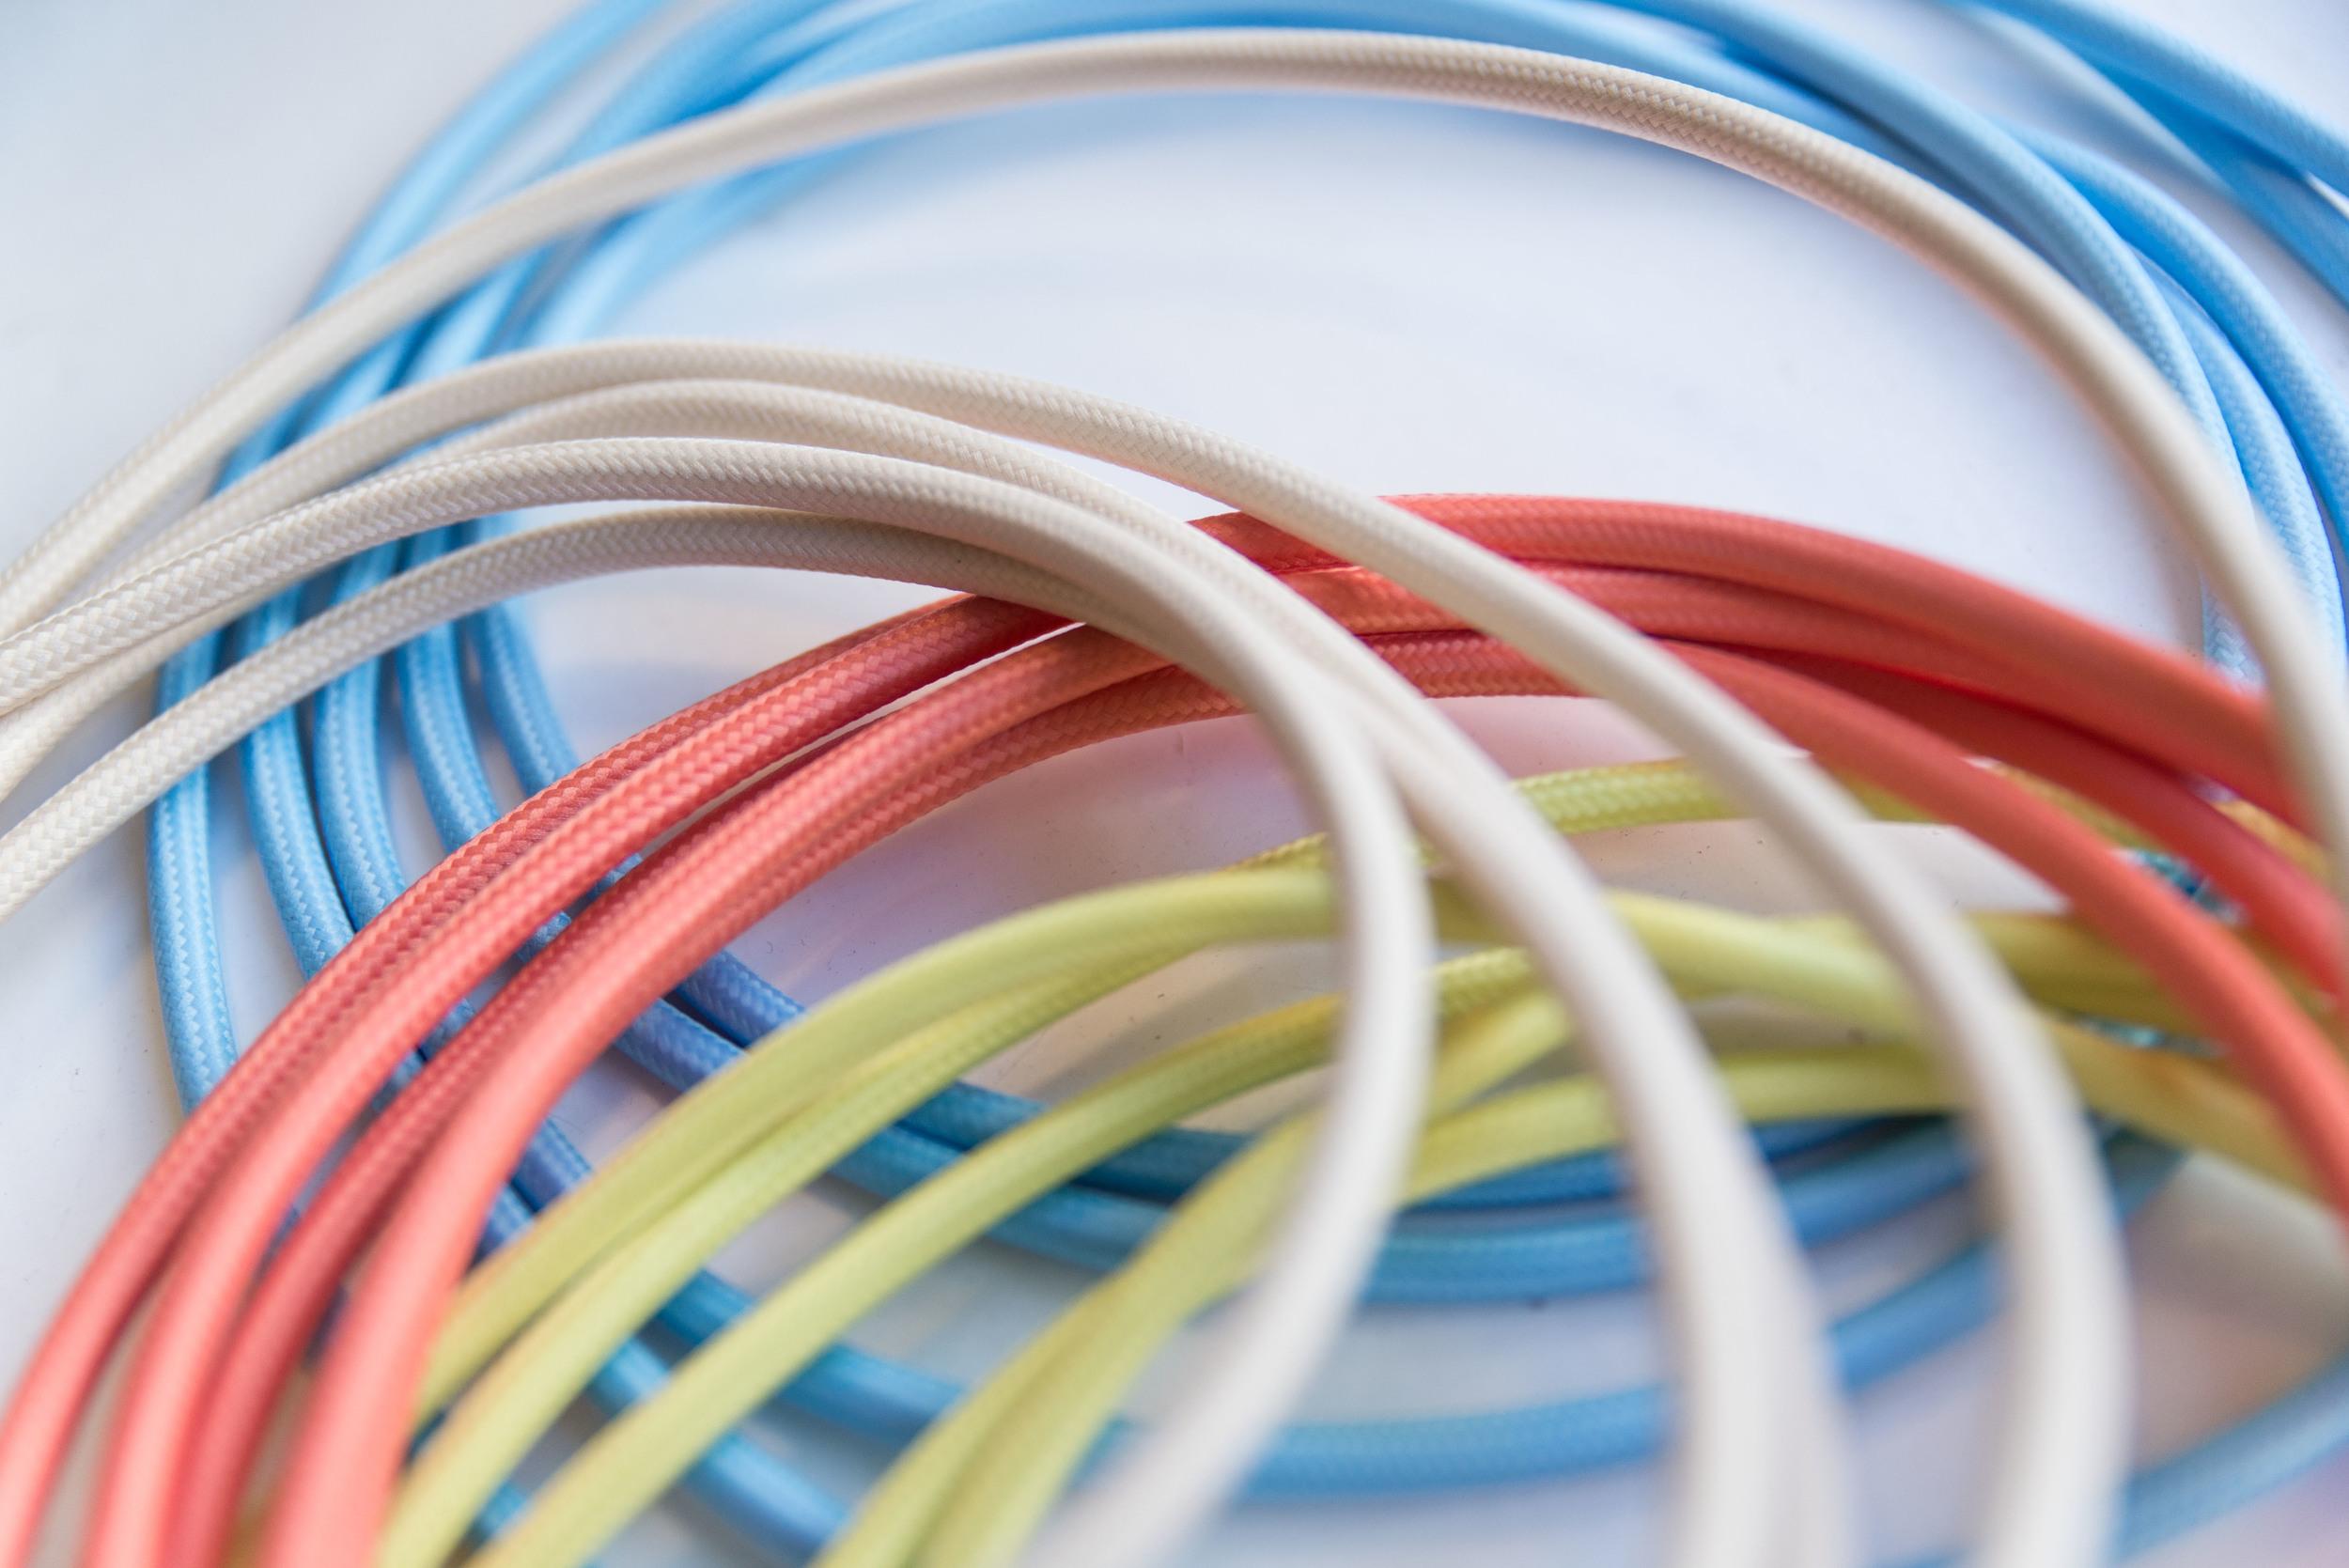 Coloured textile cables!